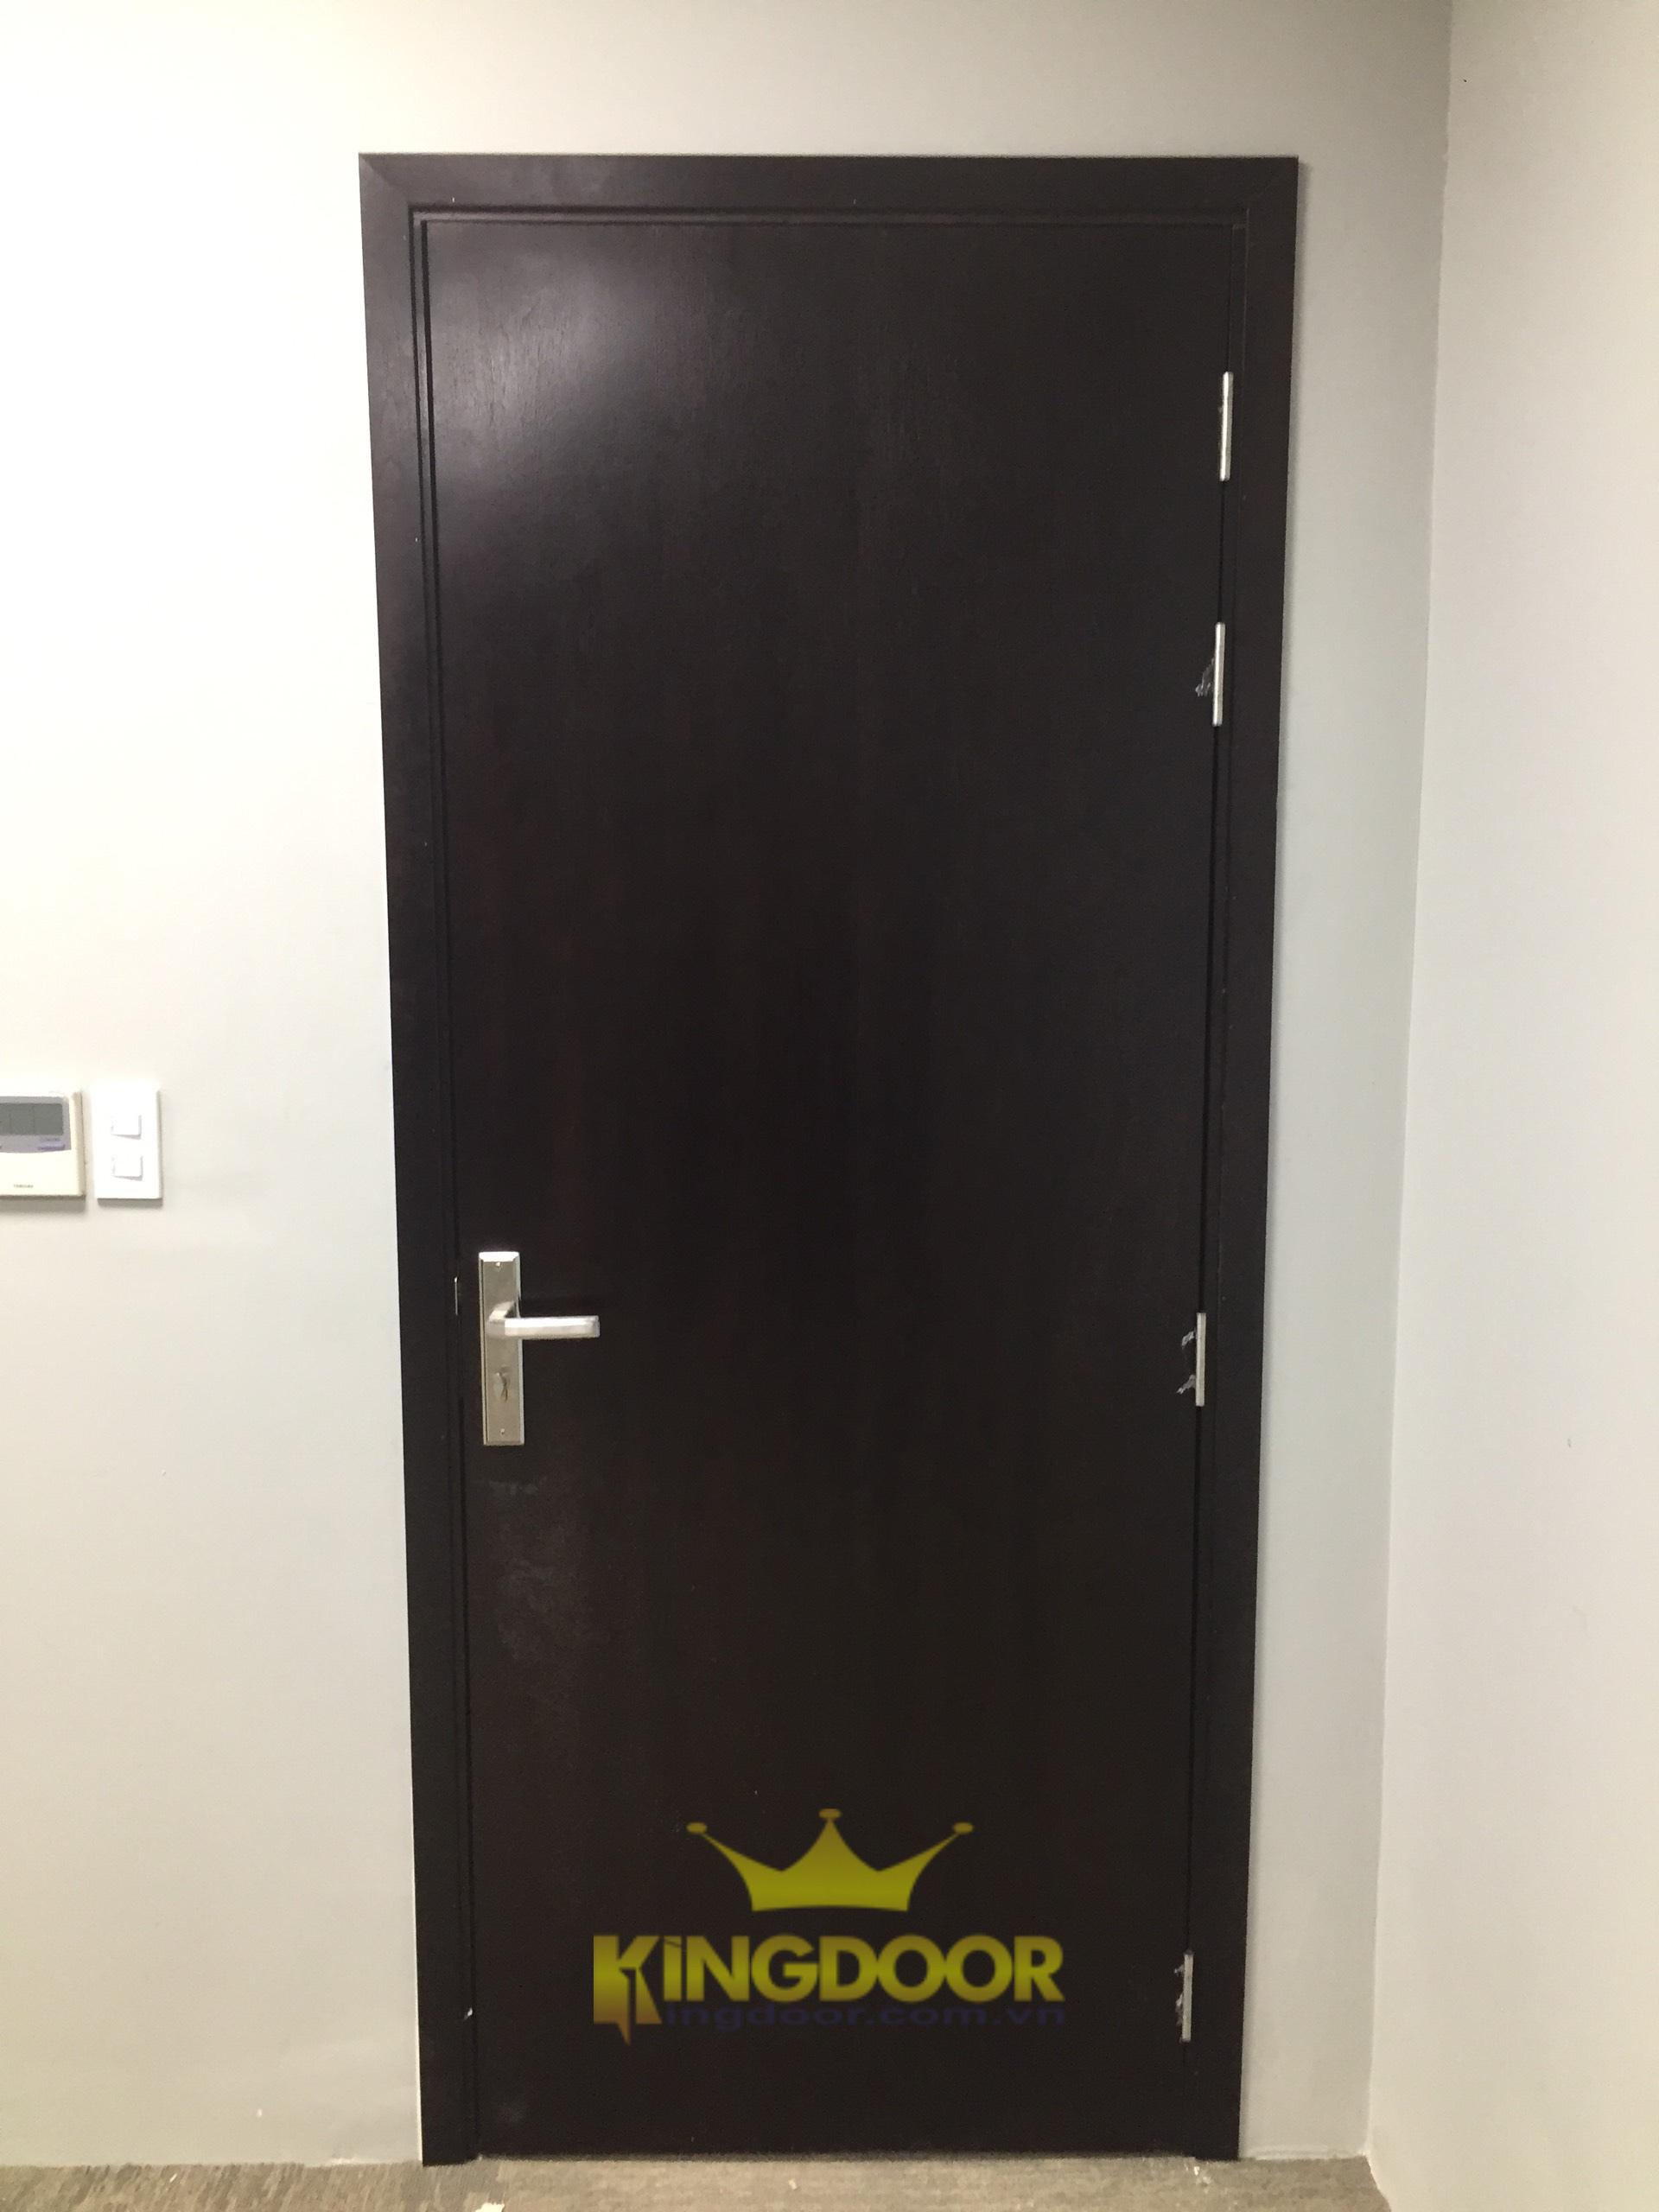 Bài viết: Báo giá cửa nhựa gỗ Composite tại Gia Lai - Công ty Kingdoor